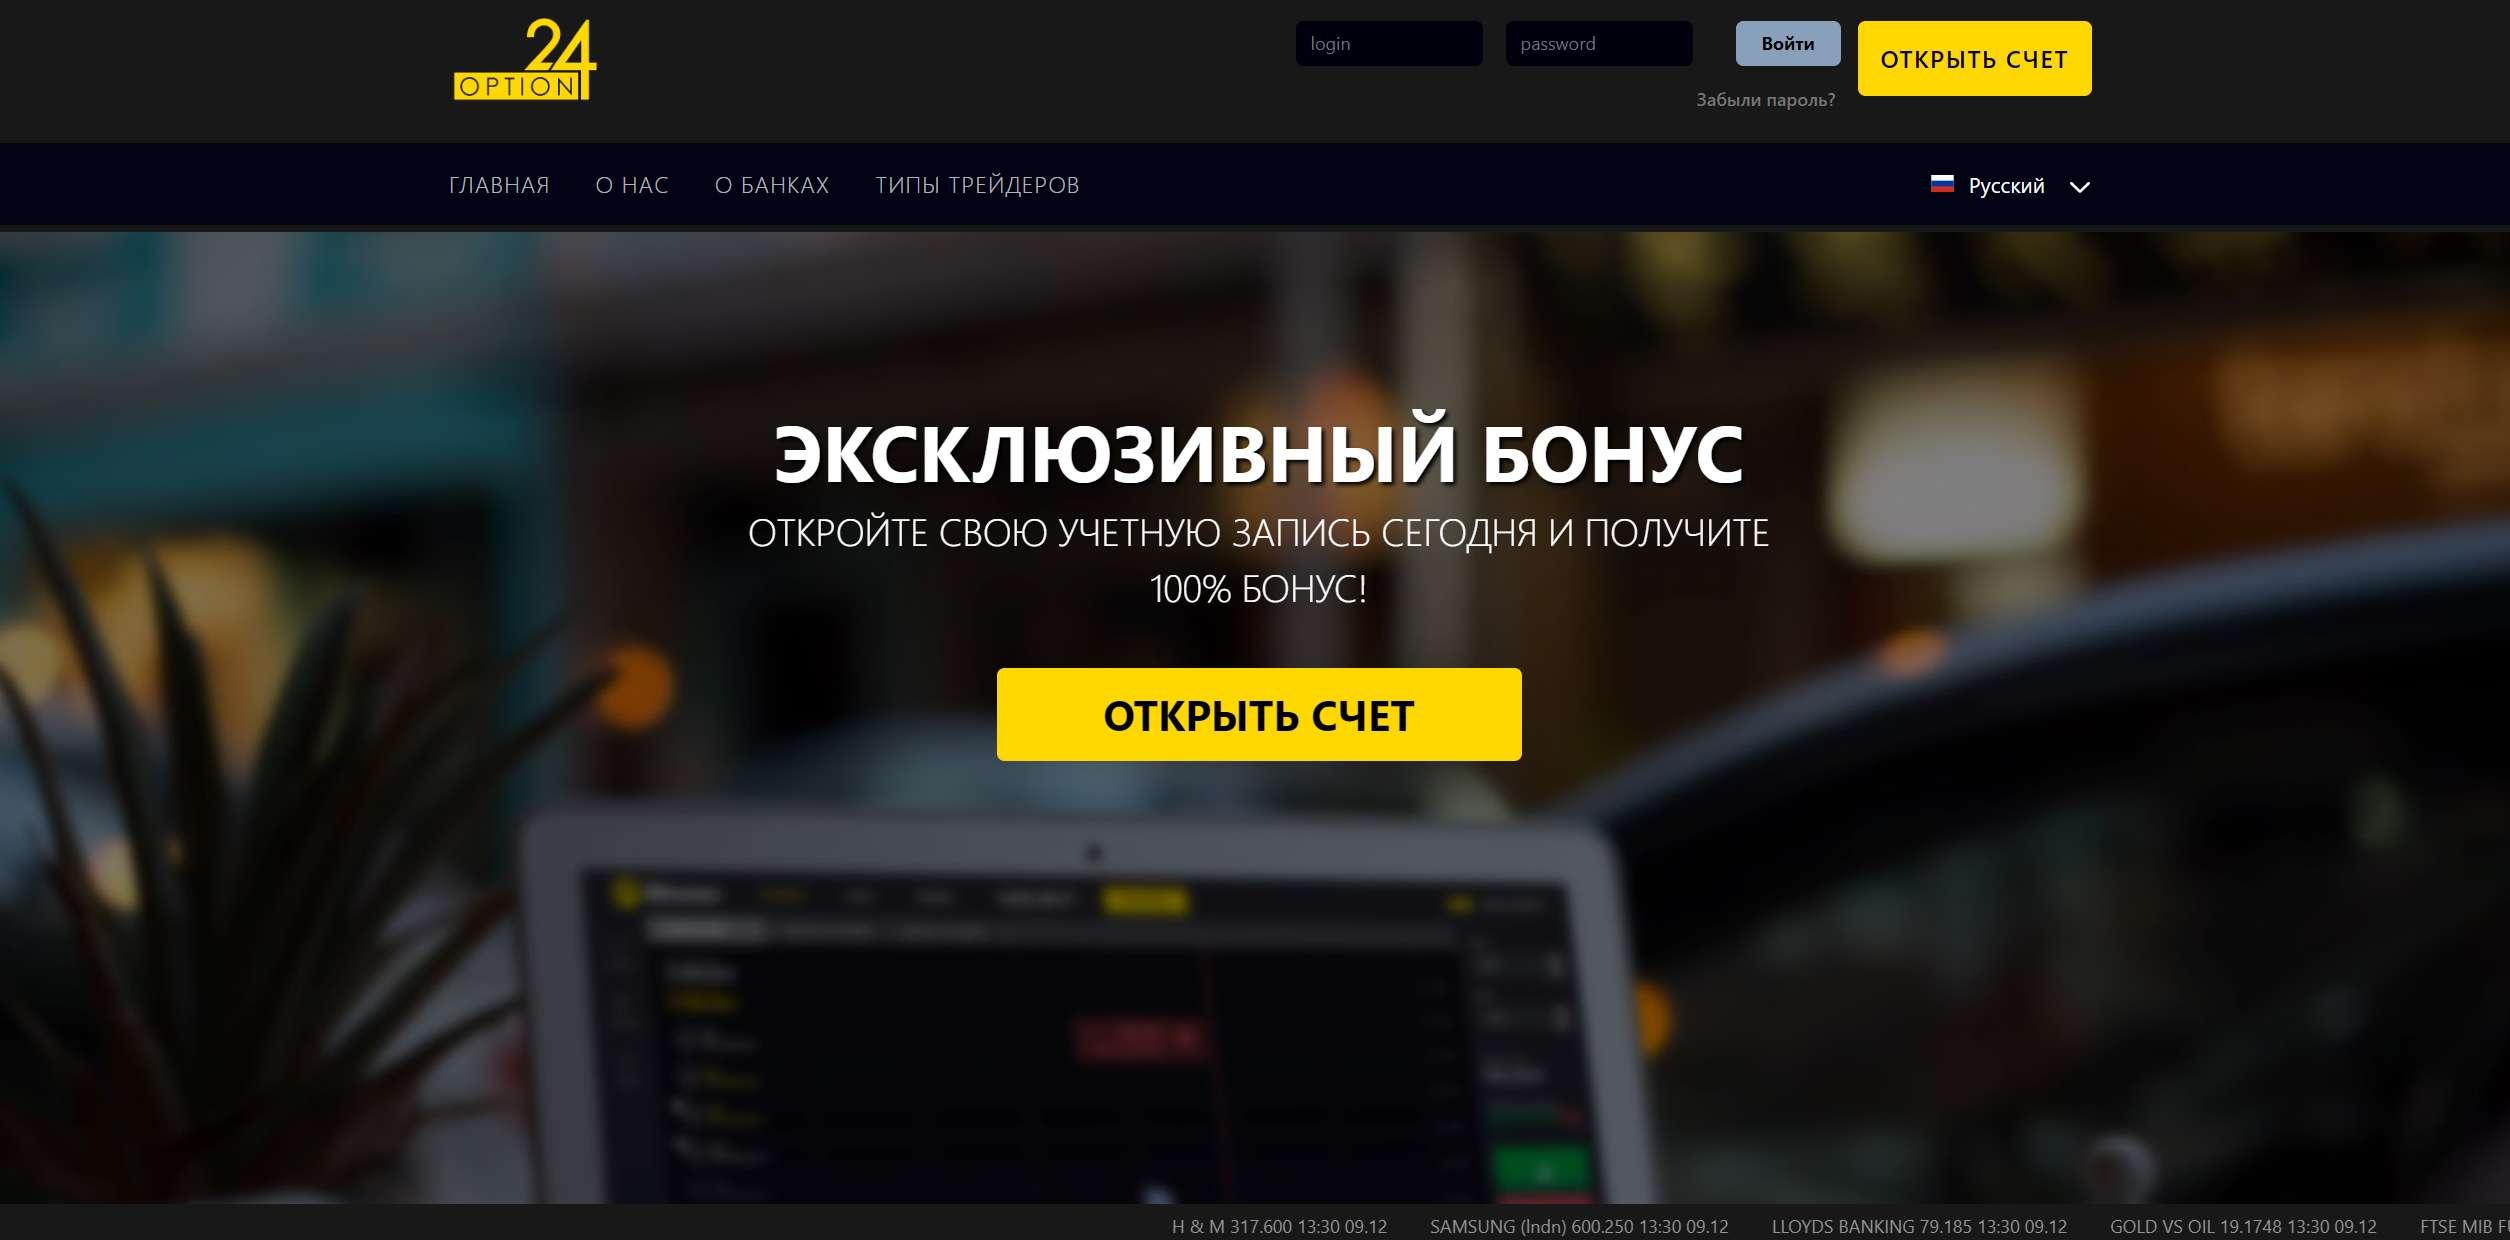 Псевдоброкер 24Optione.net - новый развод и лохотронщик